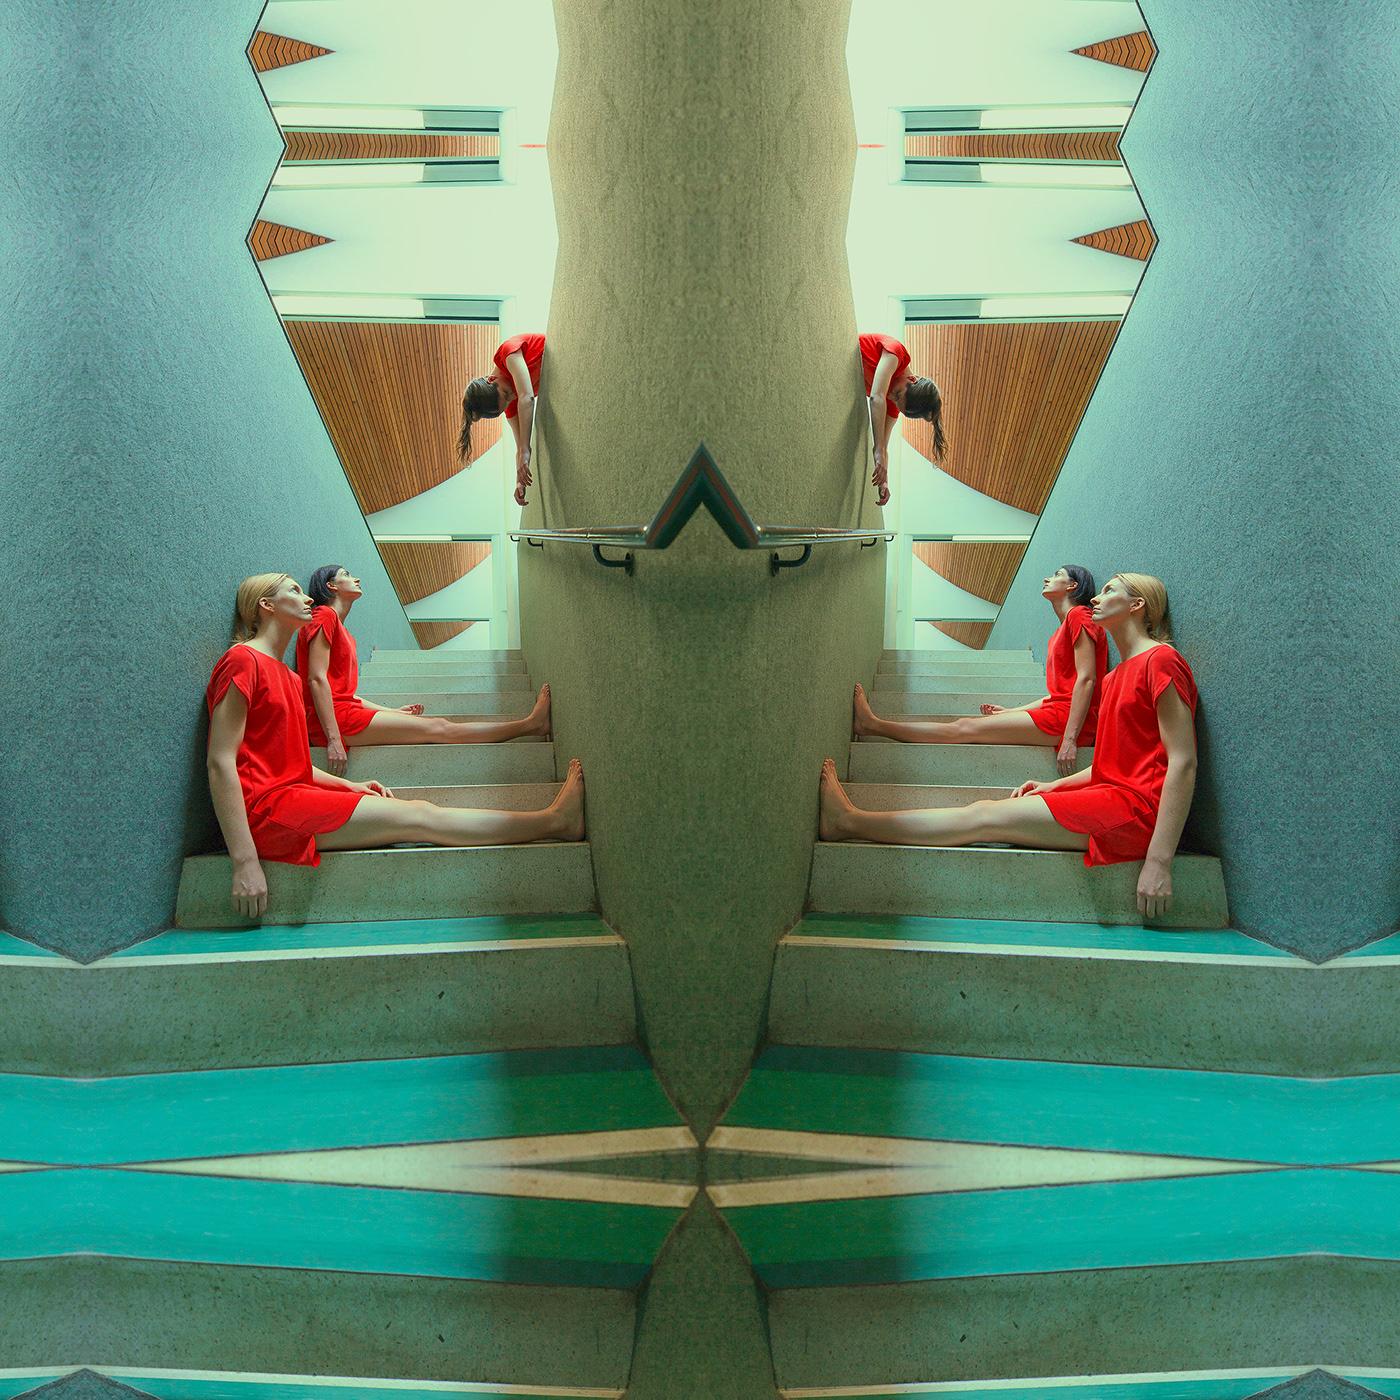 architectural colors conceptual design gym modern surrealart symmetric